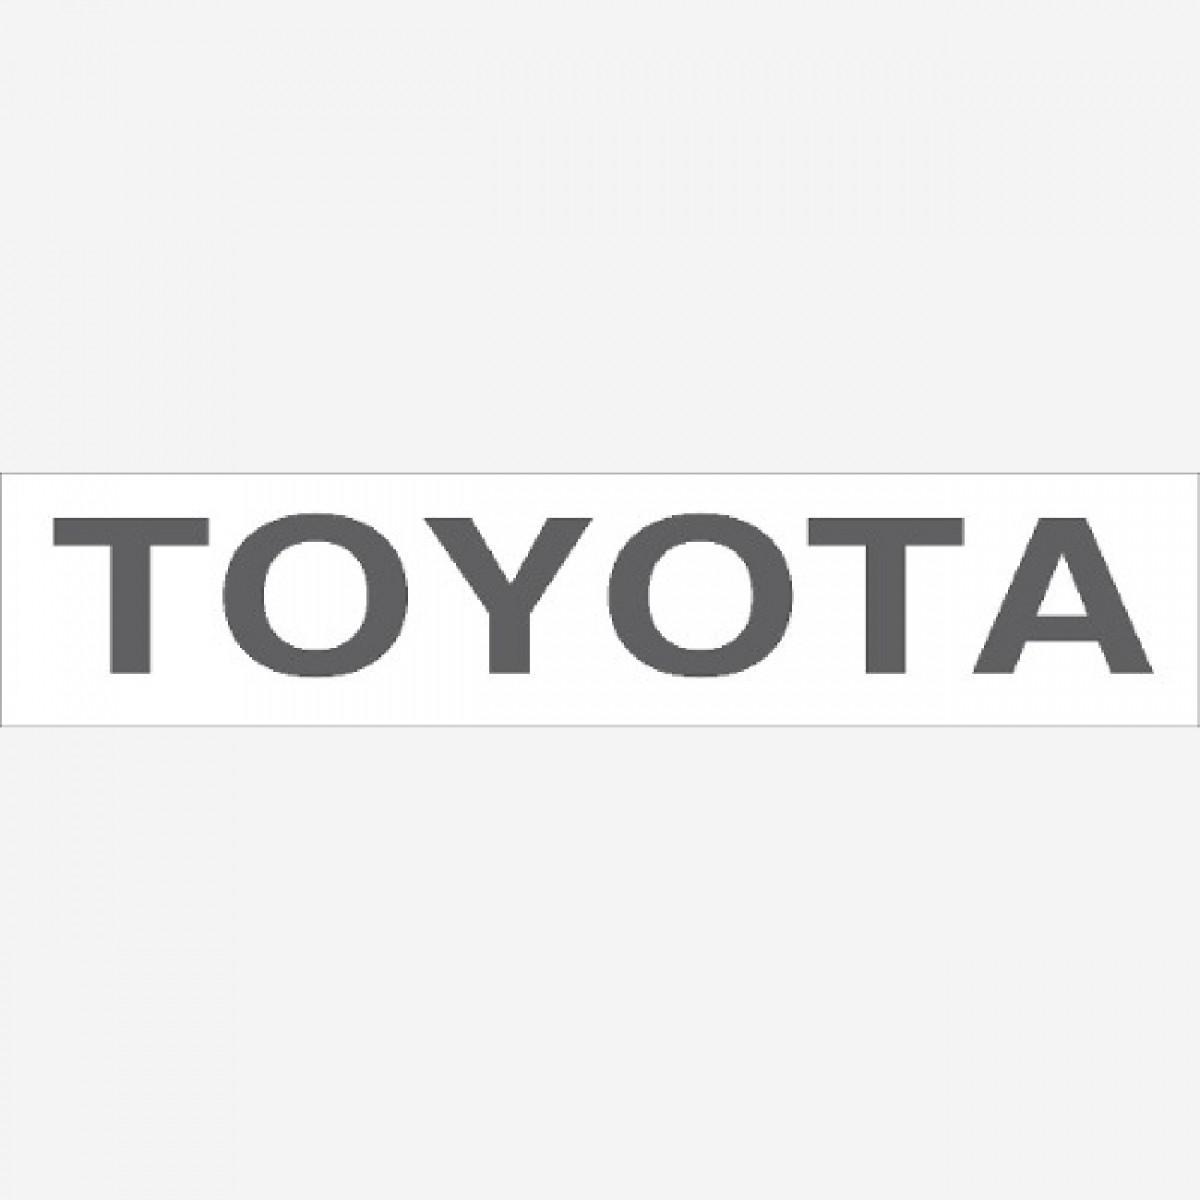 Adesivo Toyota Traseiro Hilux Em Grafite Decalx